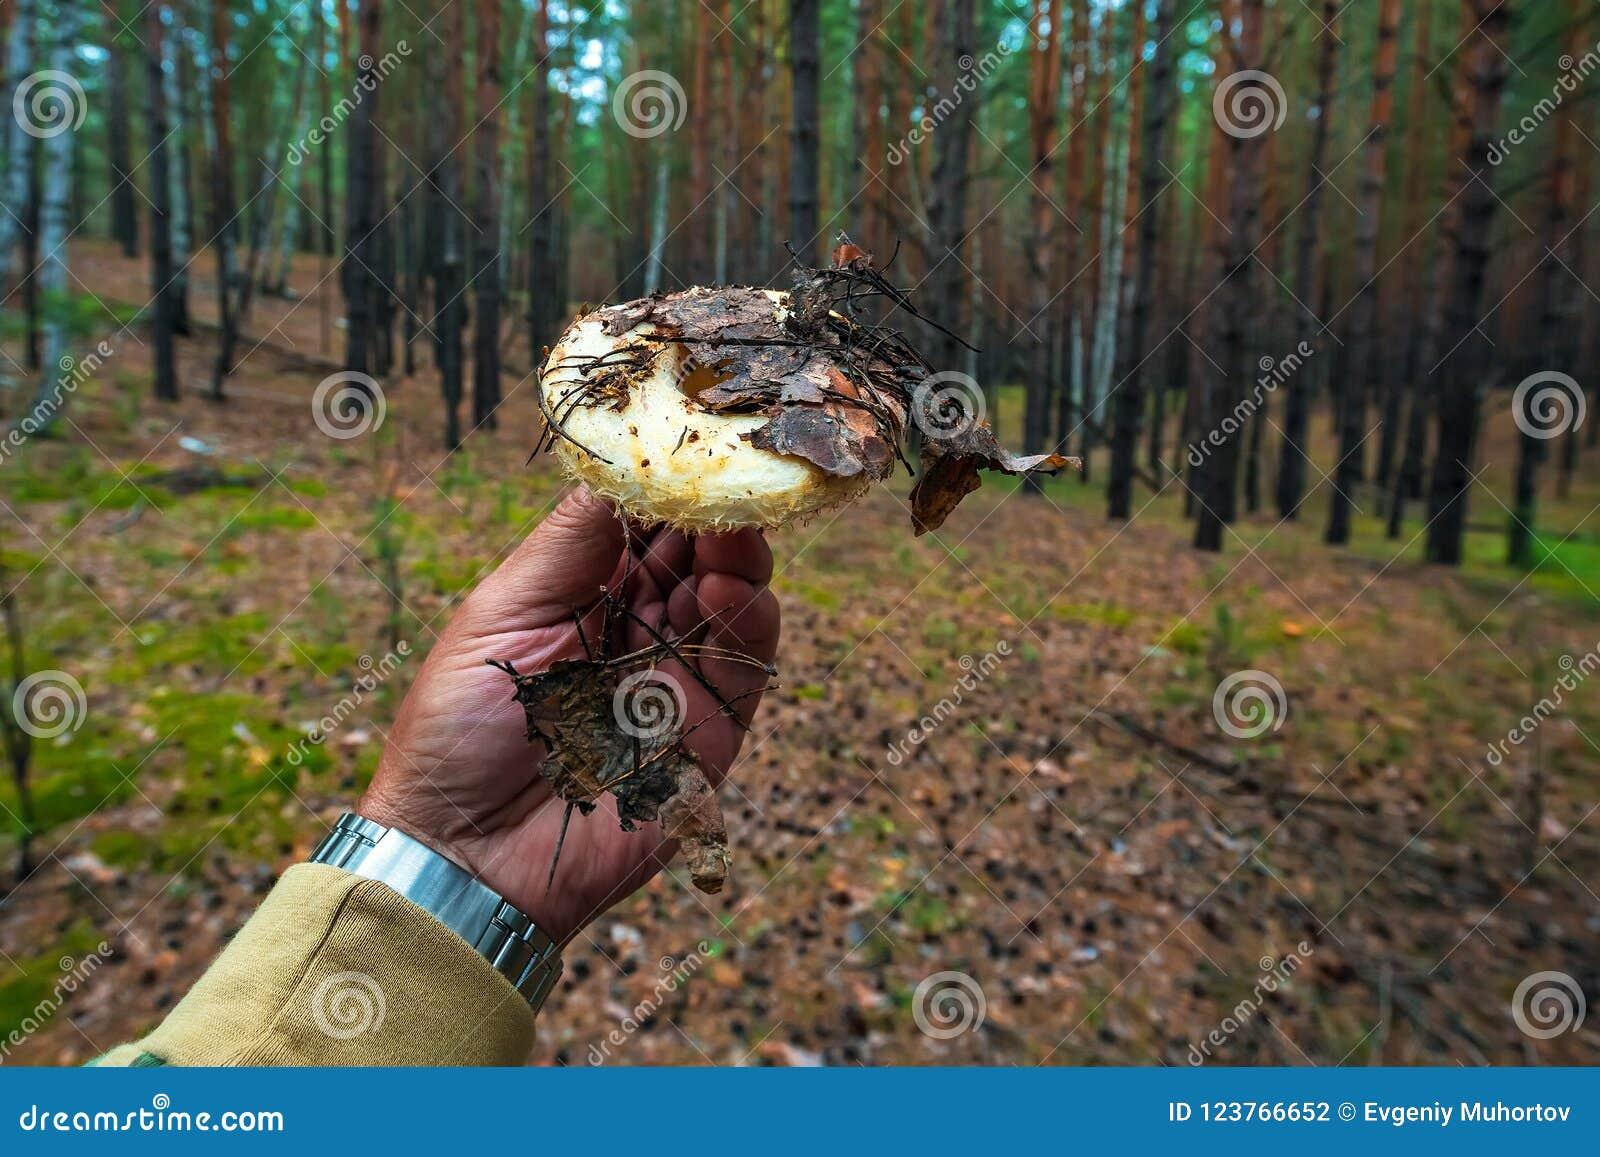 Edible Mushroom-a Real Bunch Lat  Lactarius Resimus Stock